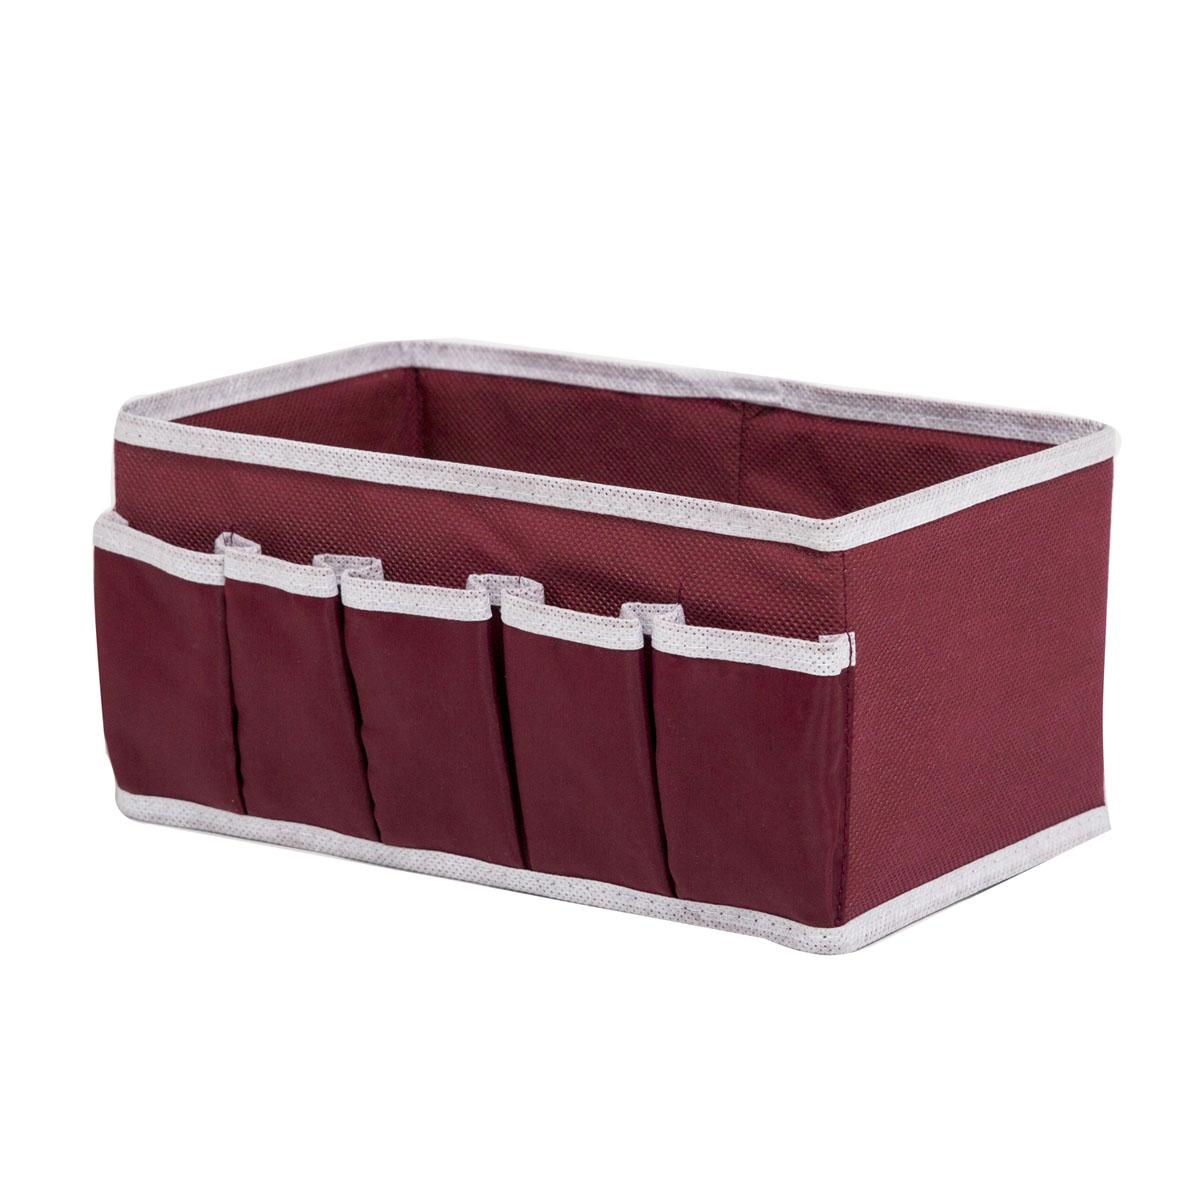 Органайзер для косметики Homsu Red Rose, 25 х 15 х 12 смHOM-15Универсальная коробочка для хранения любых вещей. Оптимальный размер позволяет хранить в ней любые вещи и предметы. Фактический цвет может отличаться от заявленного.